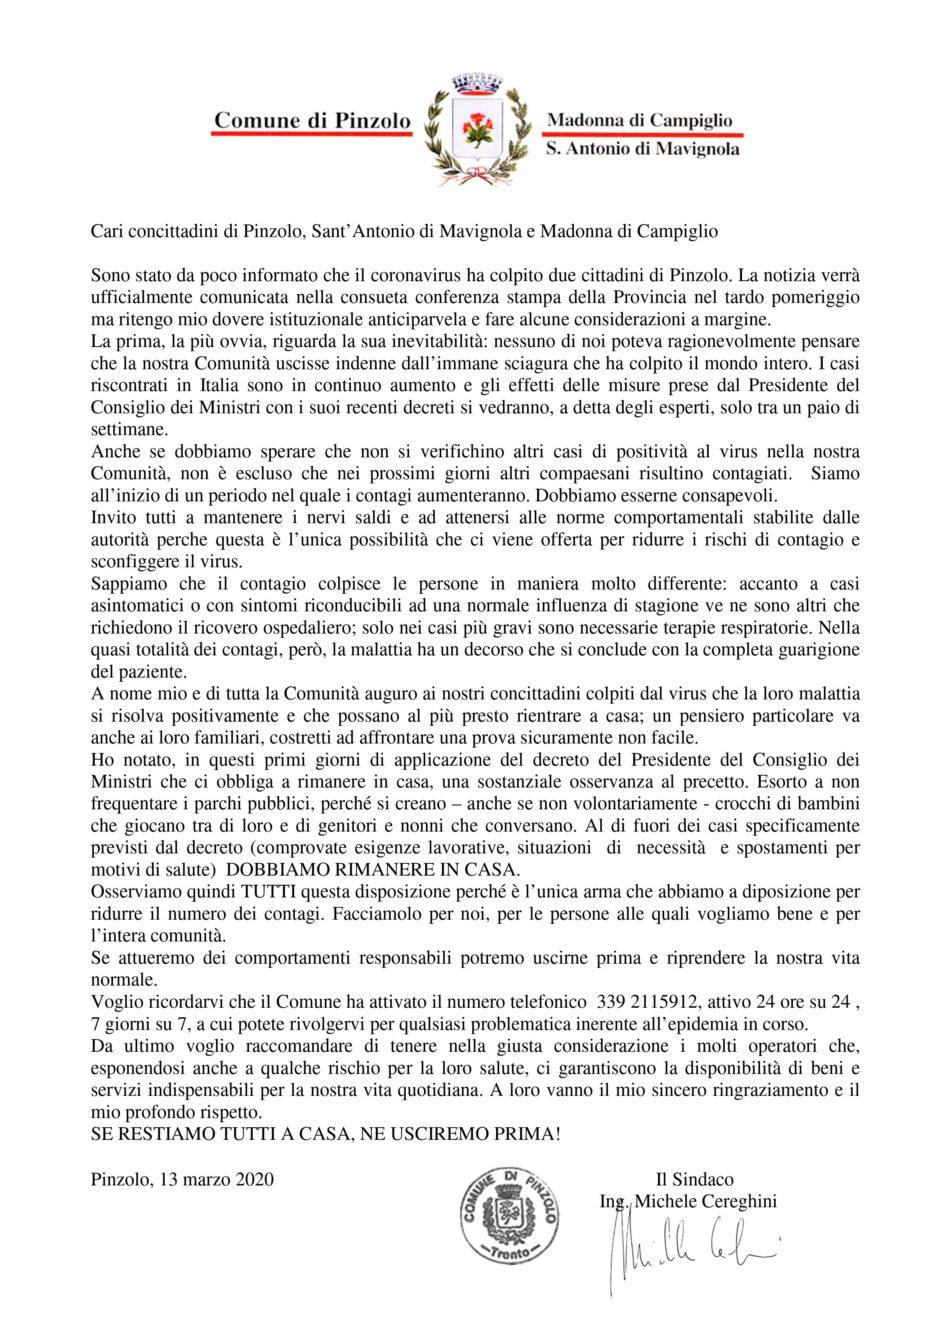 Sindaco di Pinzolo: Sono stato da poco informato che il coronavirus ha colpito due cittadini di Pinzolo. SE RESTIAMO TUTTI A CASA, NE USCIREMO PRIMA!